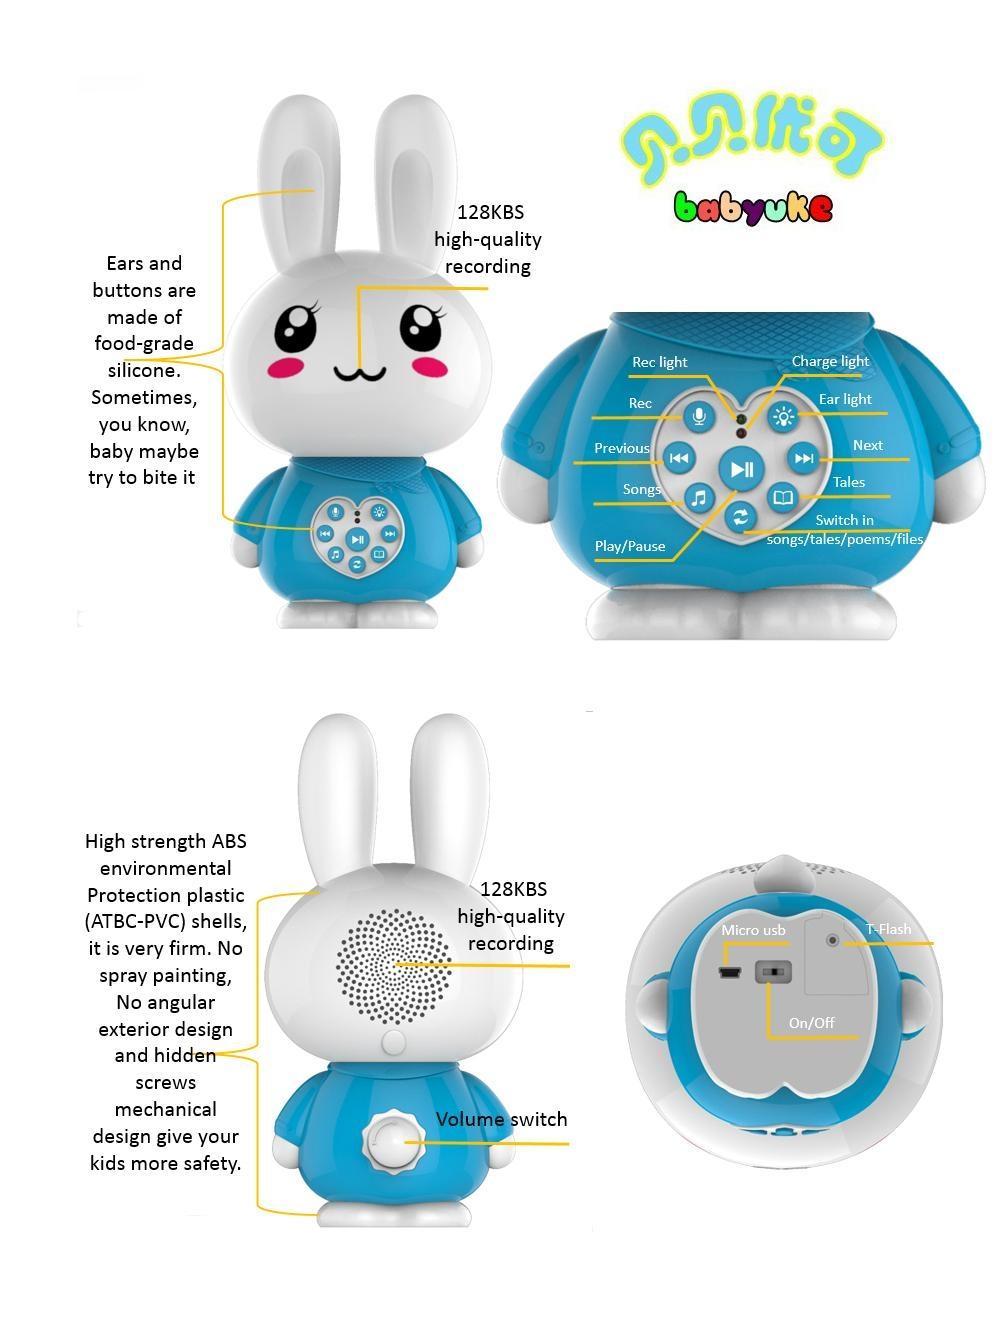 工厂供应贝贝优可可充电下载录音抗摔遥控带夜灯儿童早教故事机Q6 2